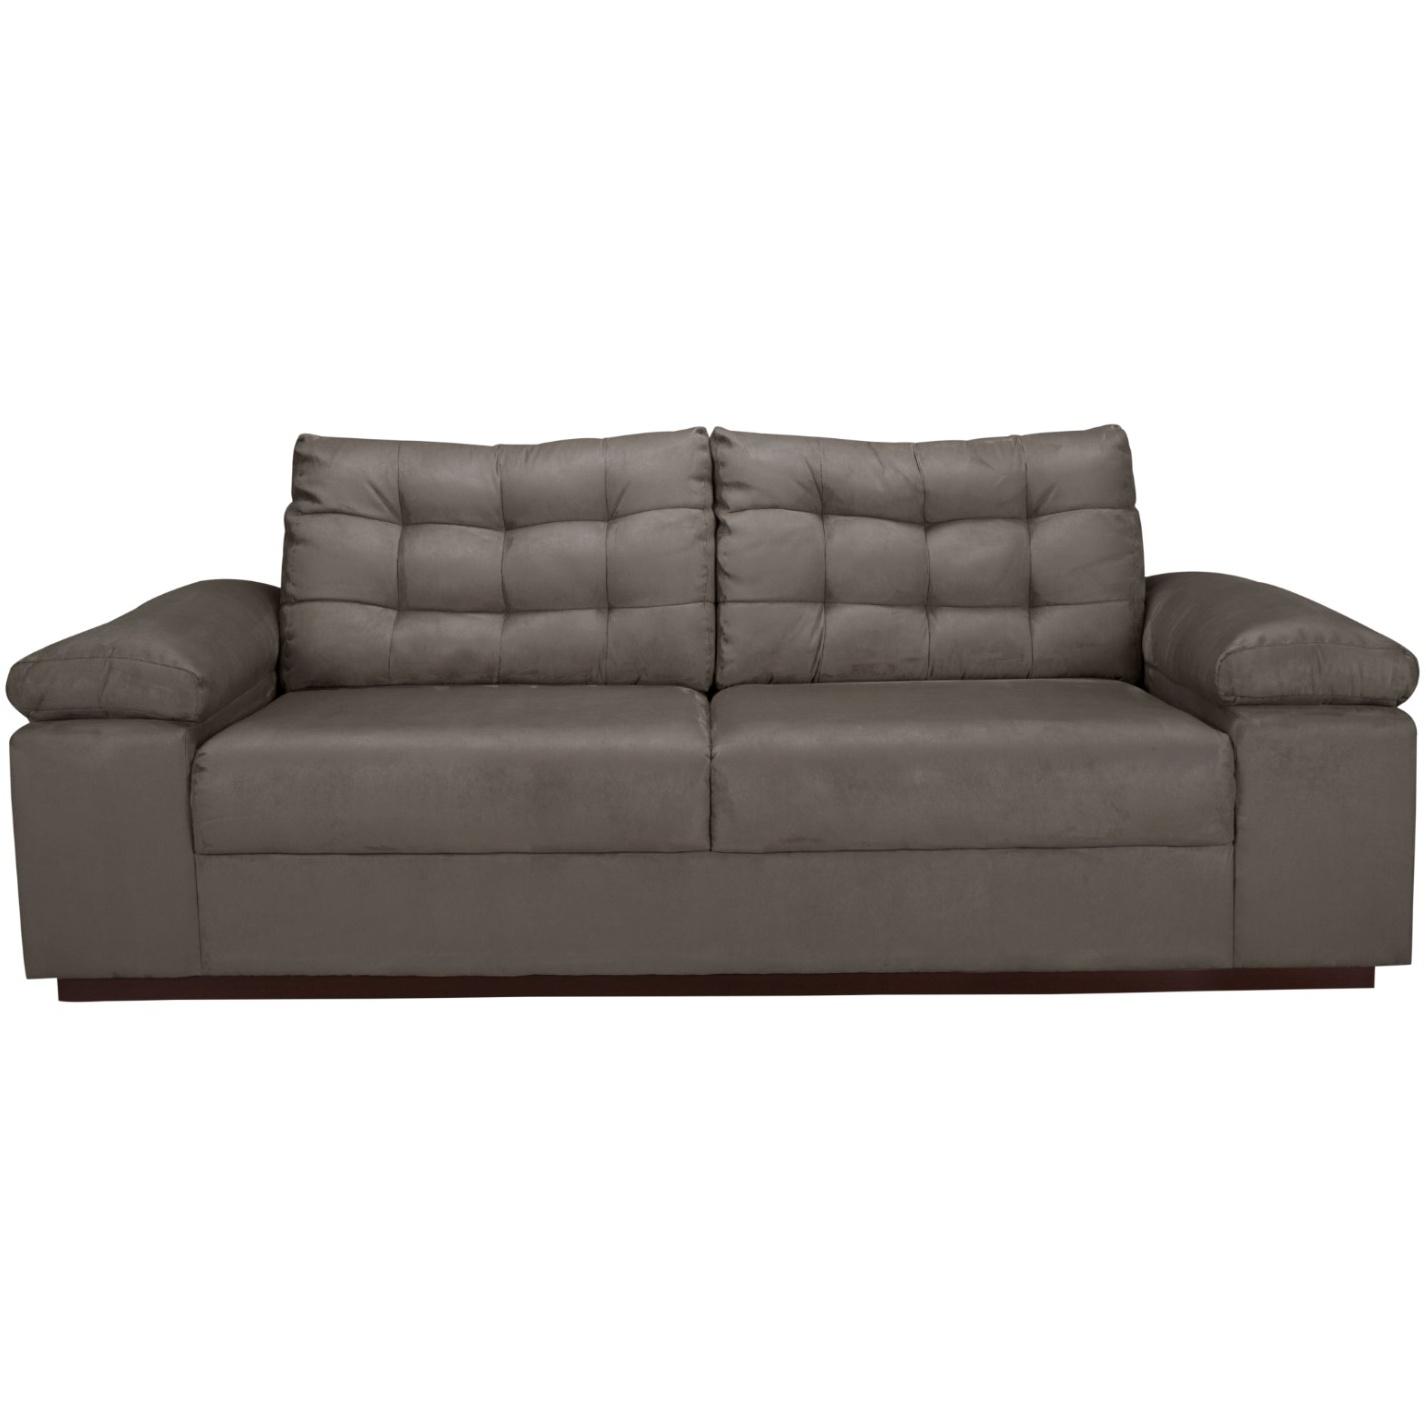 Sofa 3 Lugares Linho Herval Cinza 233 cm MH 4081